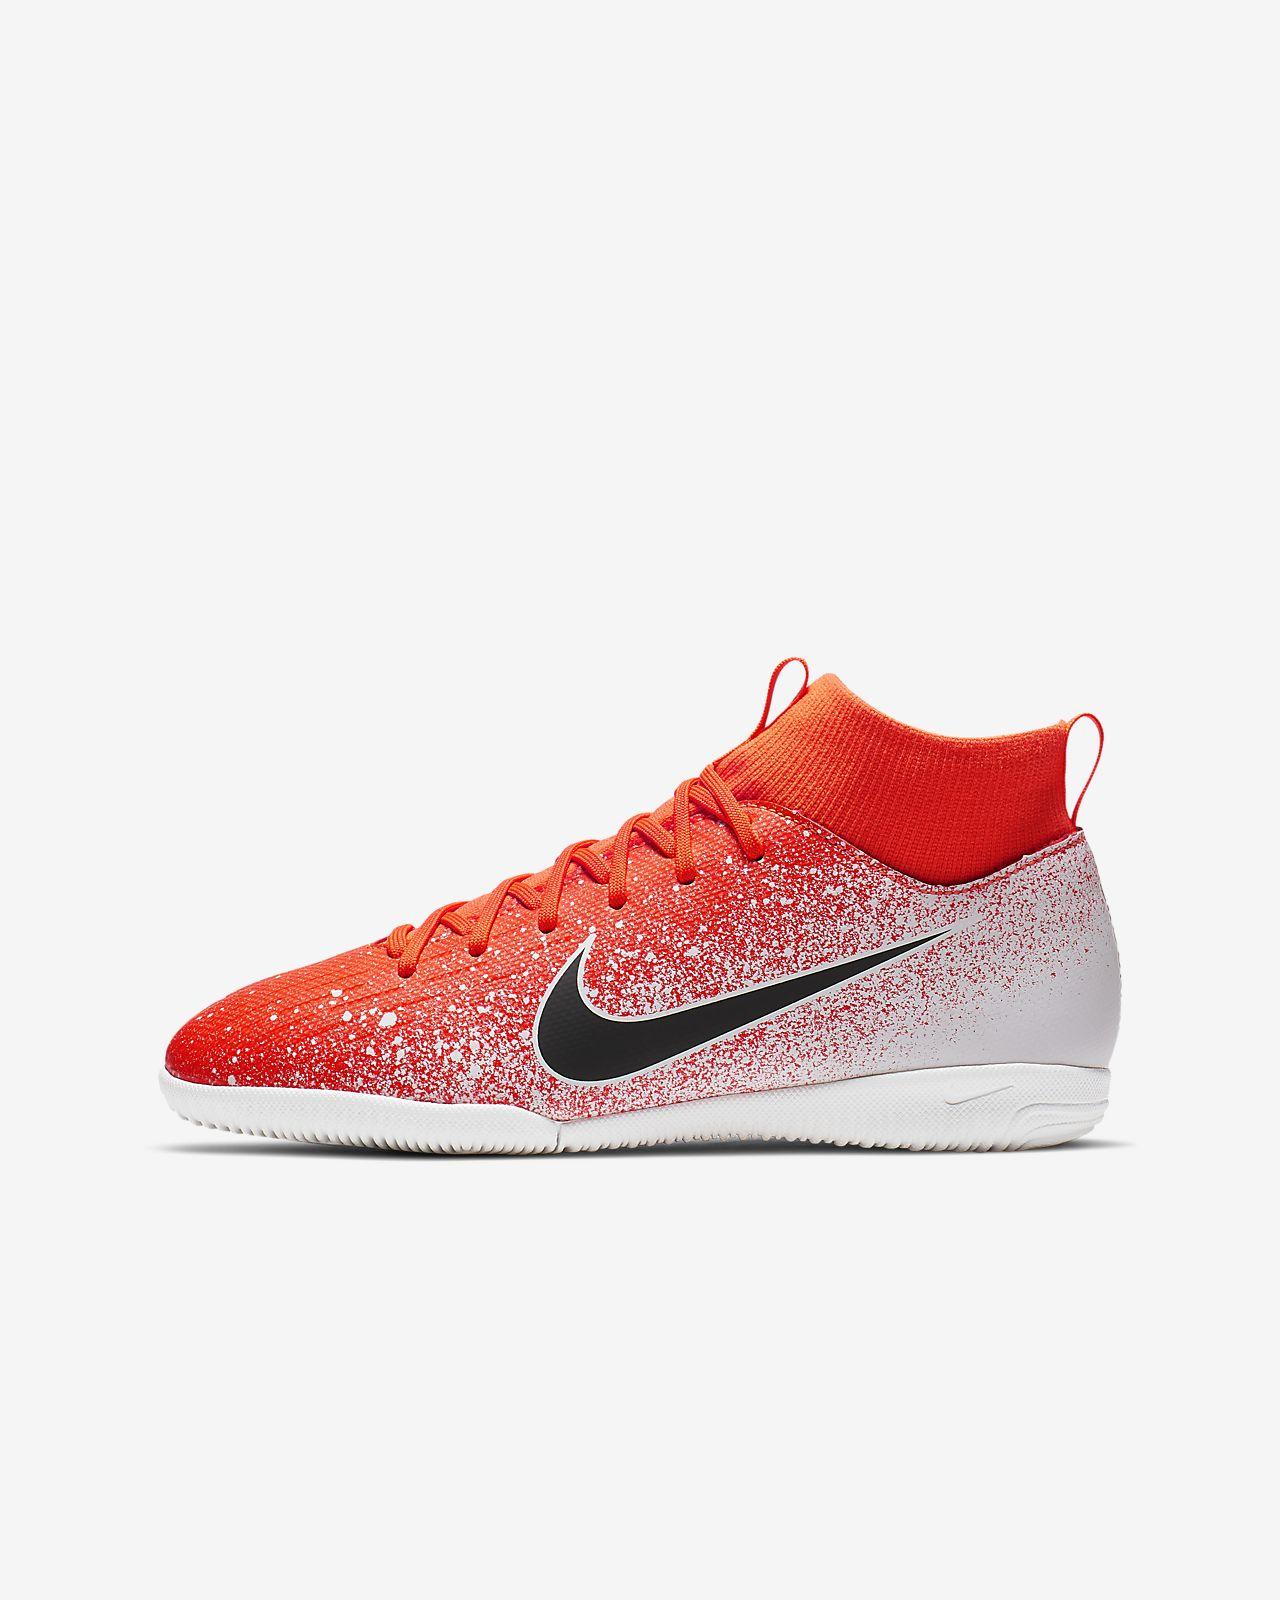 Fotbollssko för inomhusplan/futsal/street Nike Jr. SuperflyX 6 Academy IC för barn/ungdom